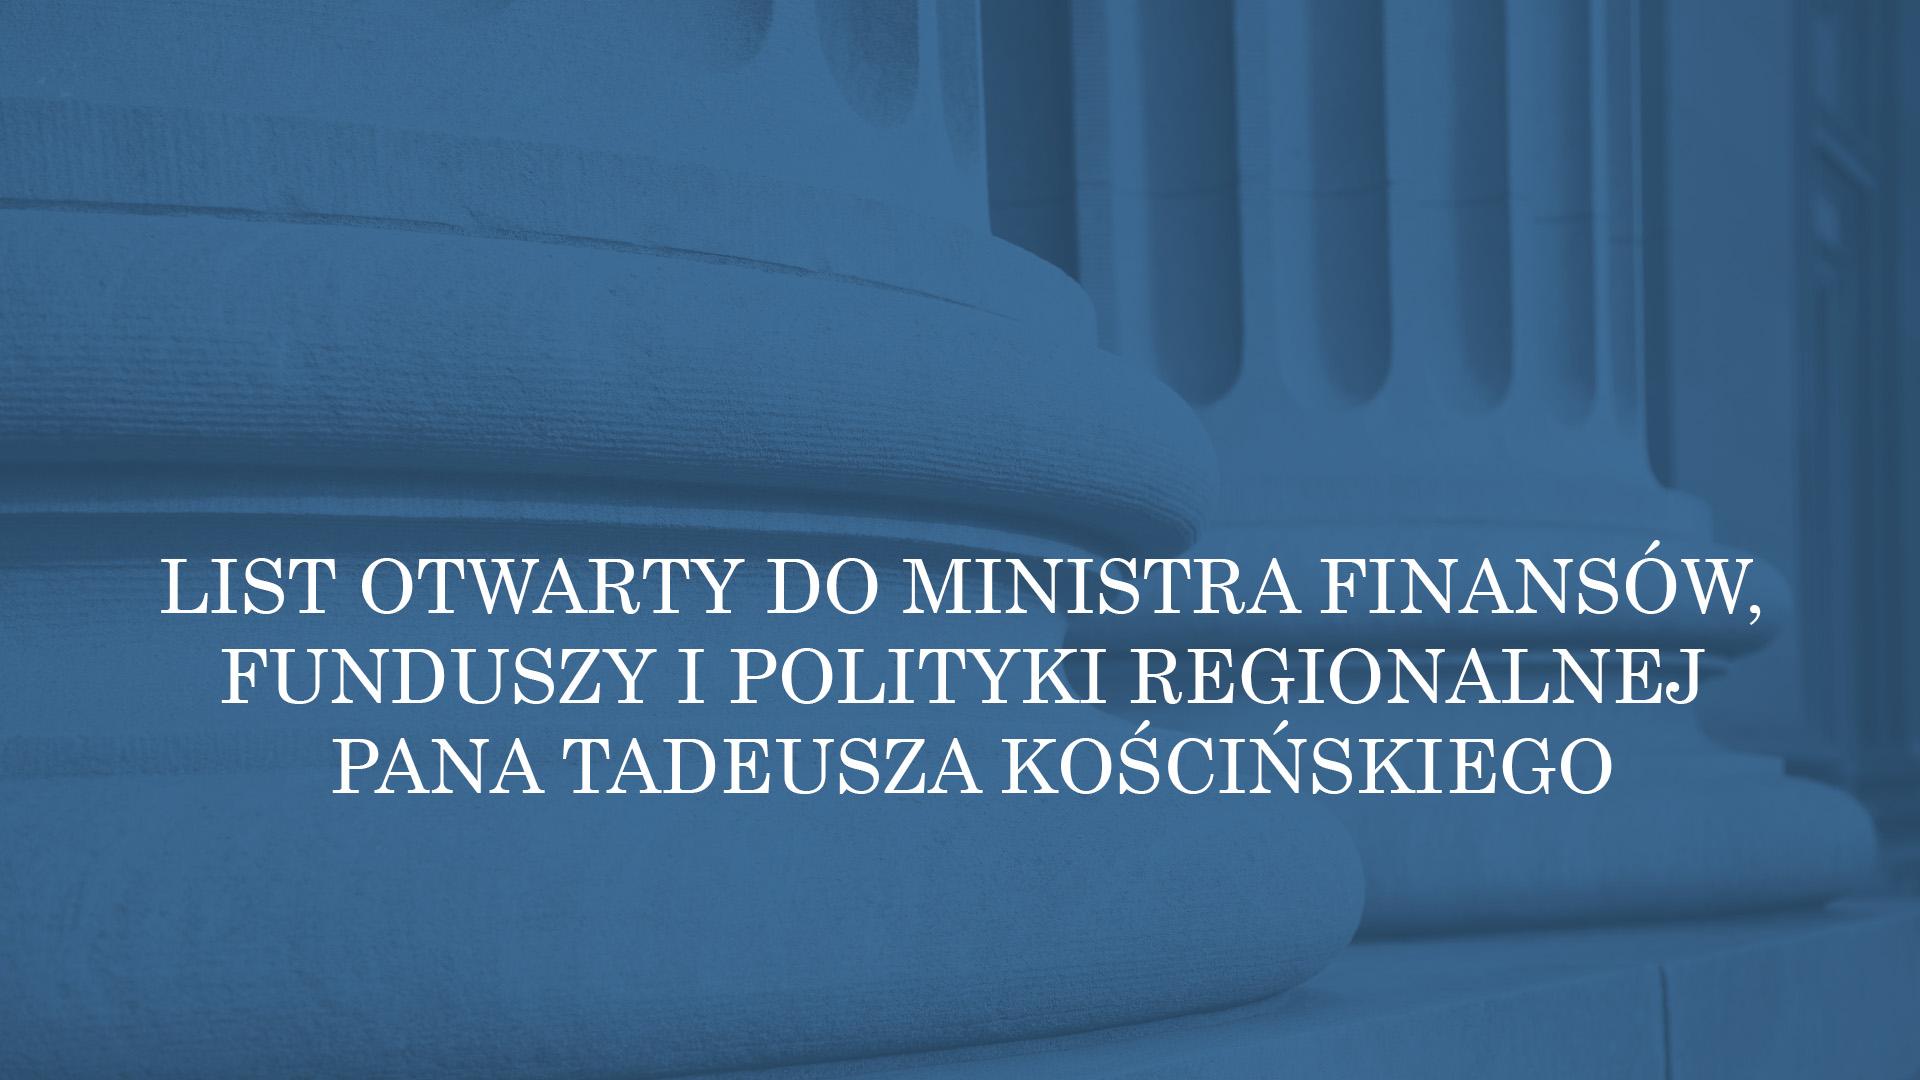 LIST OTWARTY DOMINISTRA FINANSÓW, FUNDUSZY IPOLITYKI REGIONALNEJ PANA TADEUSZA KOŚCIŃSKIEGO WSPRAWIE ZMIAN PRZEPISÓW PODATKOWYCH OGRANICZAJĄCYCH MIĘDZYNARODOWĄ EKSPANSJĘ POLSKICH PRZEDSIĘBIORSTW.